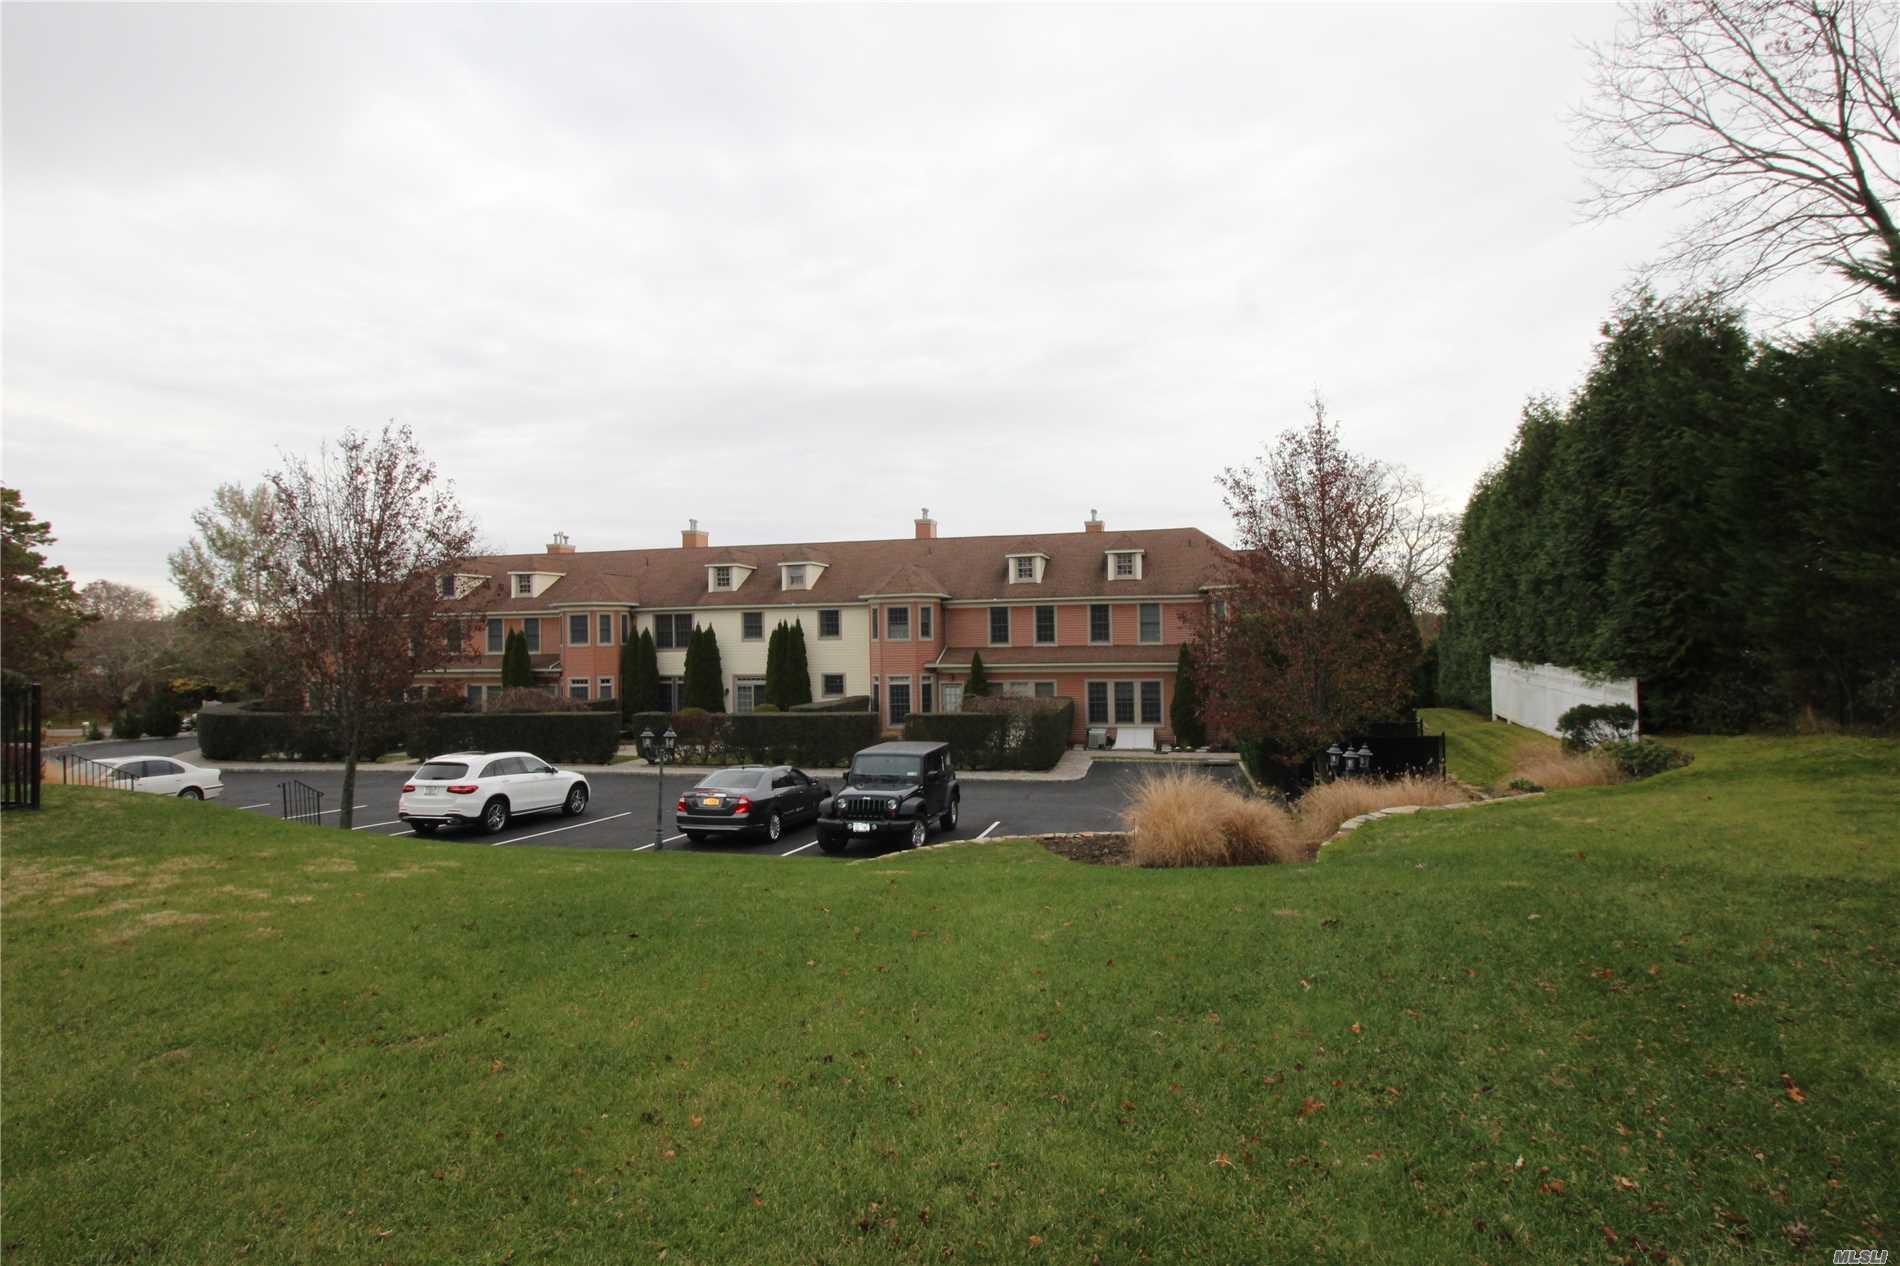 Property for sale at 66 W Tiana Rd, Hampton Bays,  NY 11946